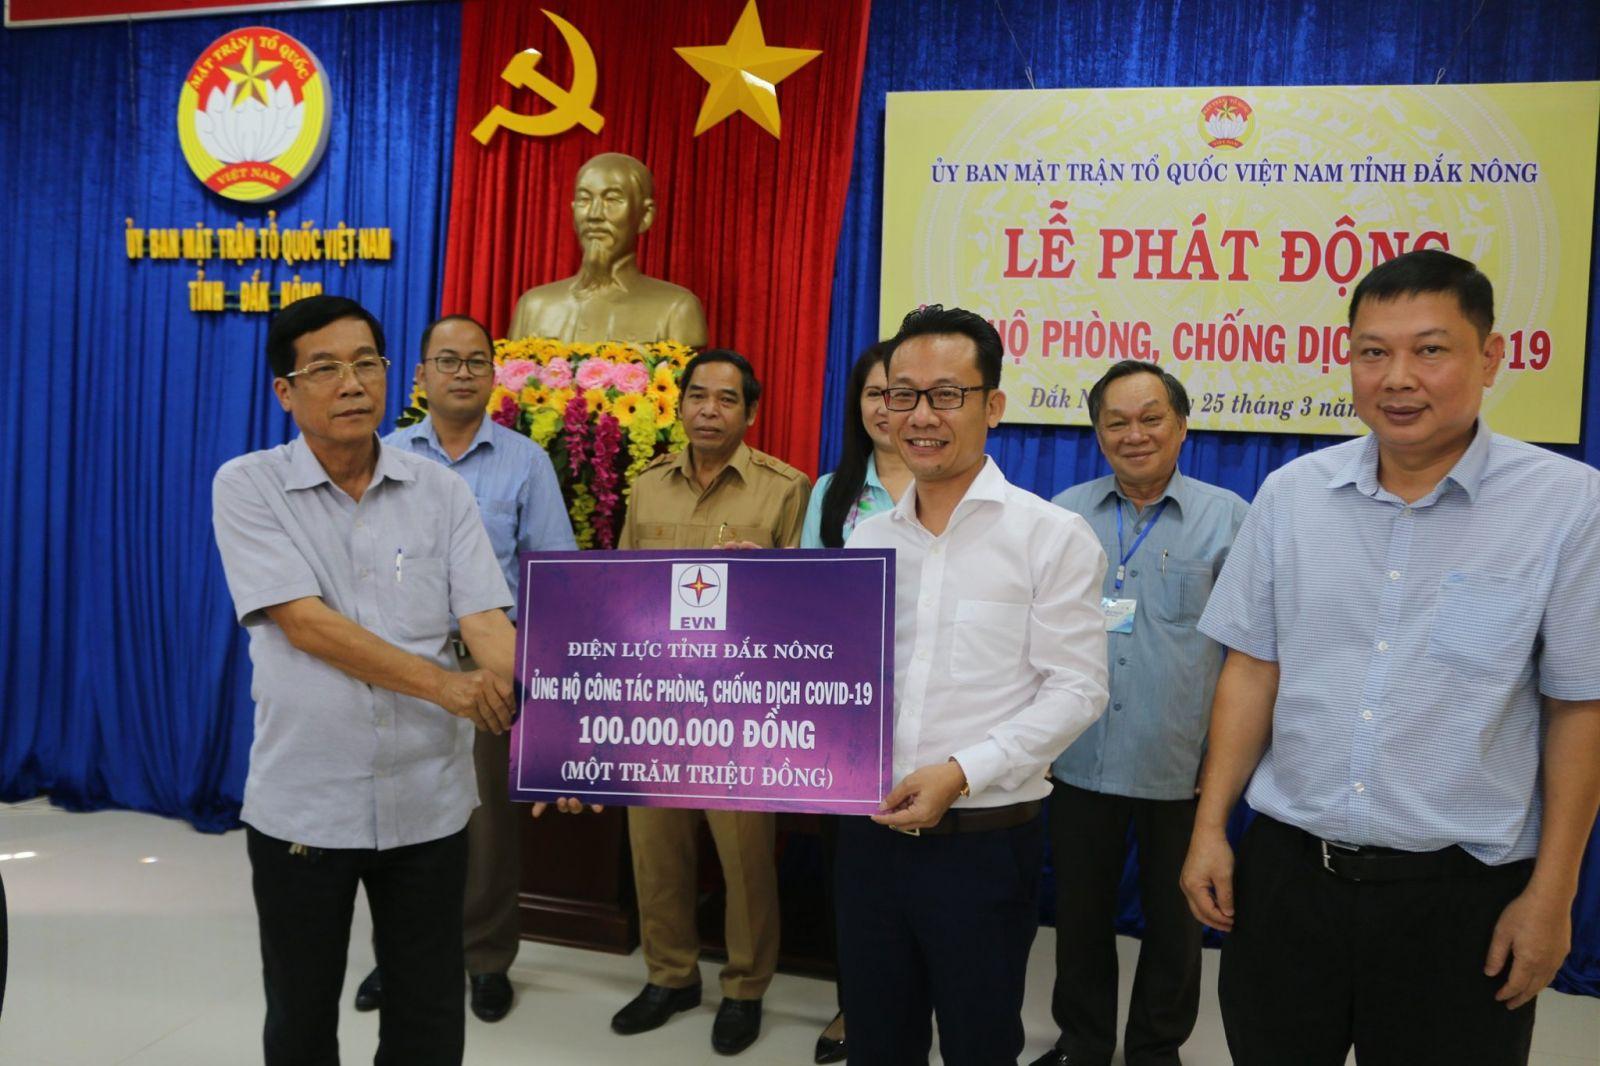 Kết quả công tác lãnh đạo thực hiện nhiệm vụ  9 tháng đầu năm 2021 ở Đảng bộ Công ty Điện lực Đắk Nông